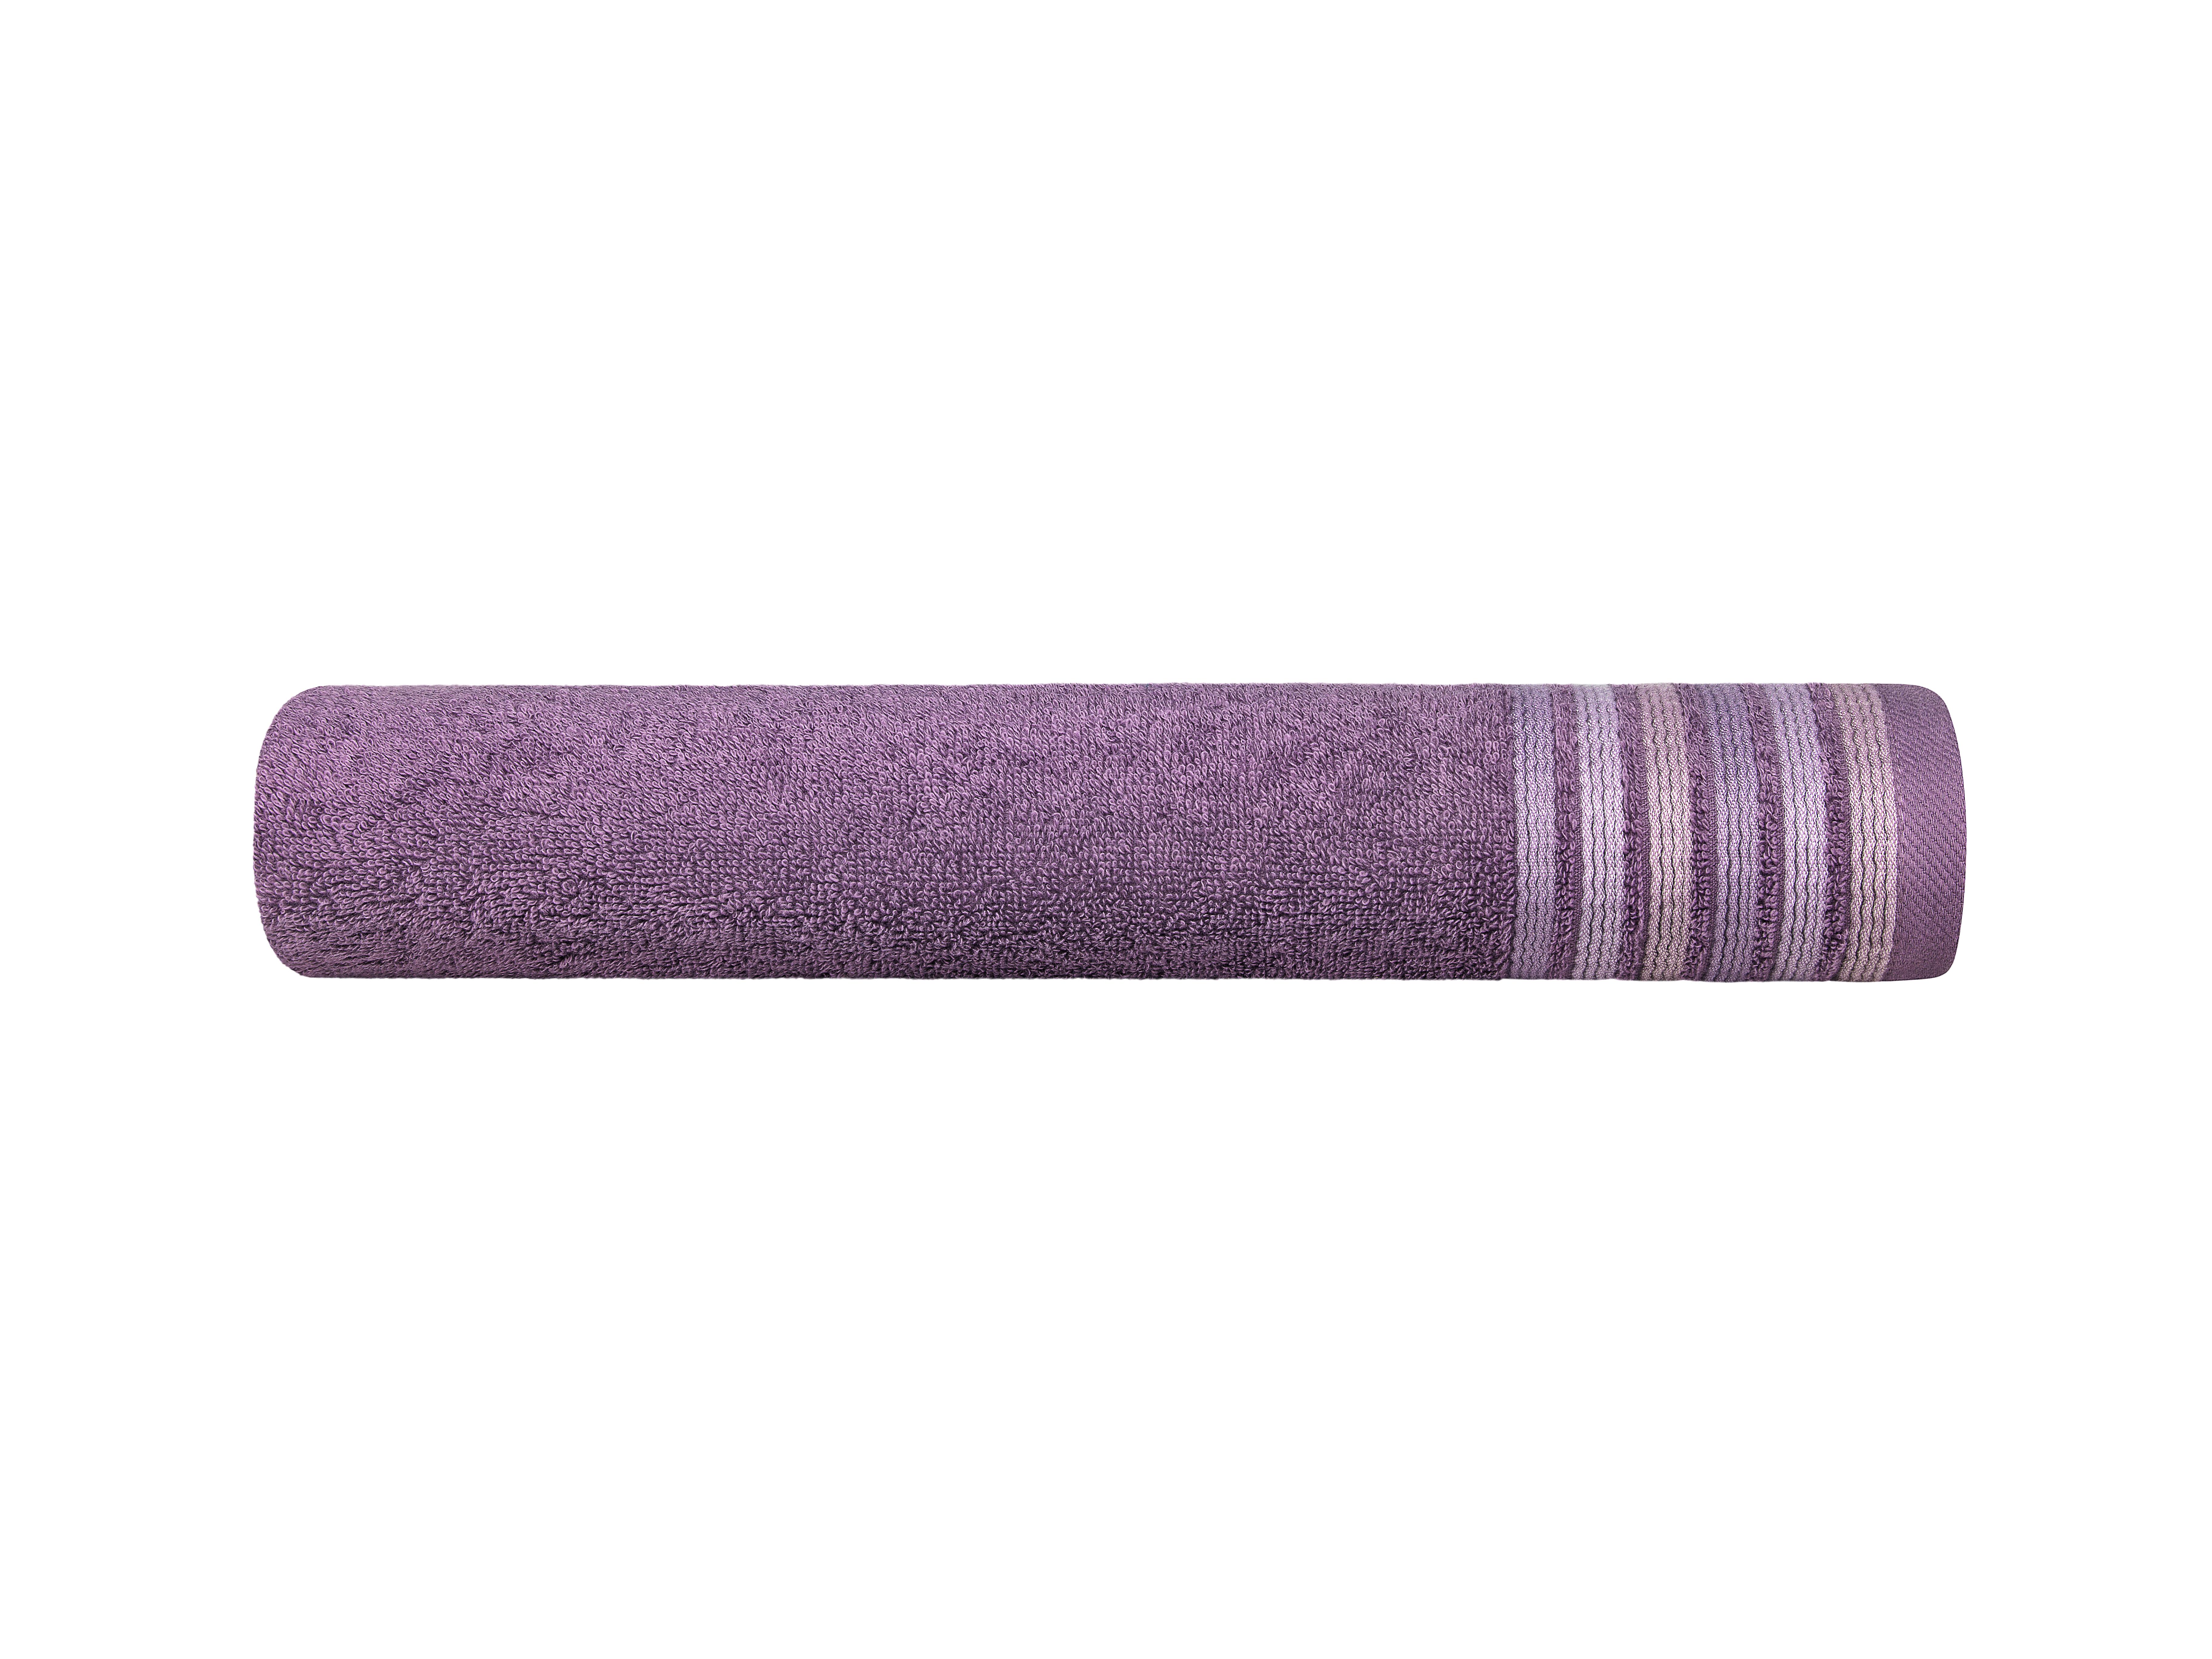 где купить Полотенца ESTIA Полотенце Эспозито Цвет: Лавандовый (70х140 см) по лучшей цене